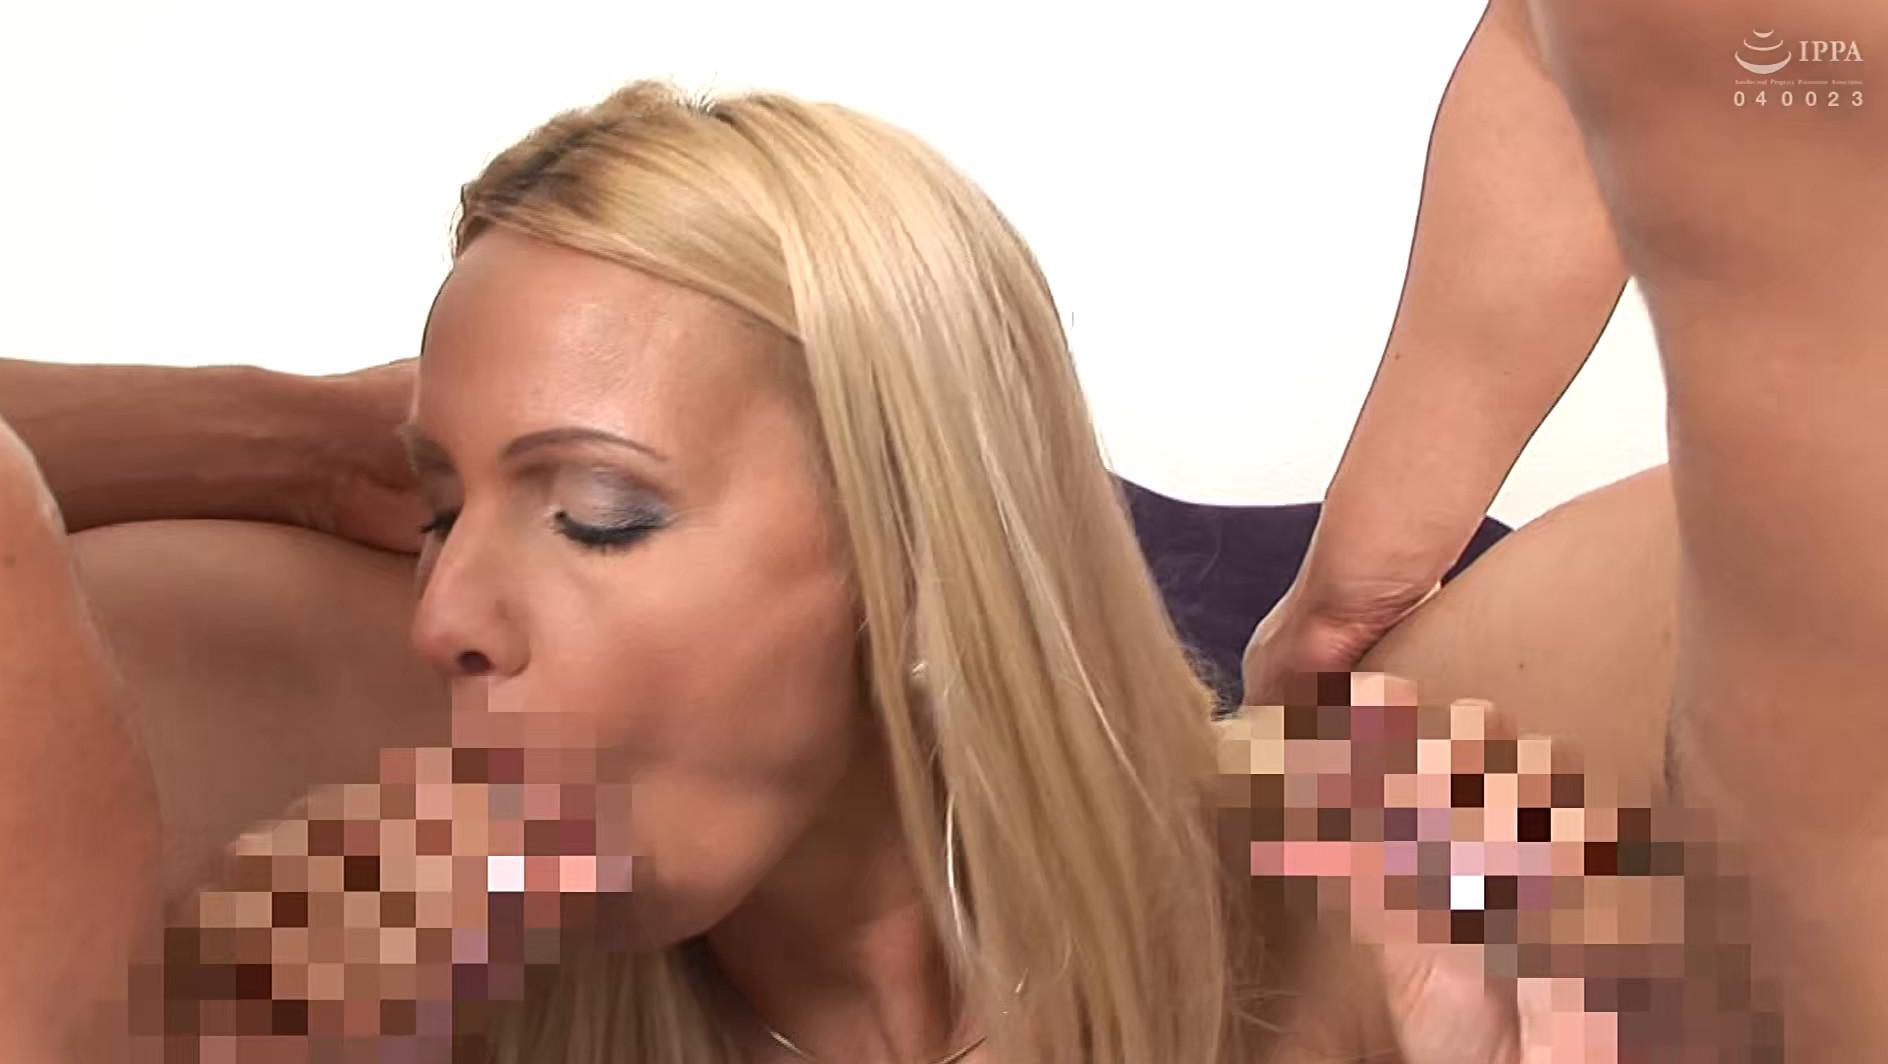 二穴同時!パツキン美人妻のマ〇コとアナルに2本のチ〇コをW挿入!ウイニー 画像11